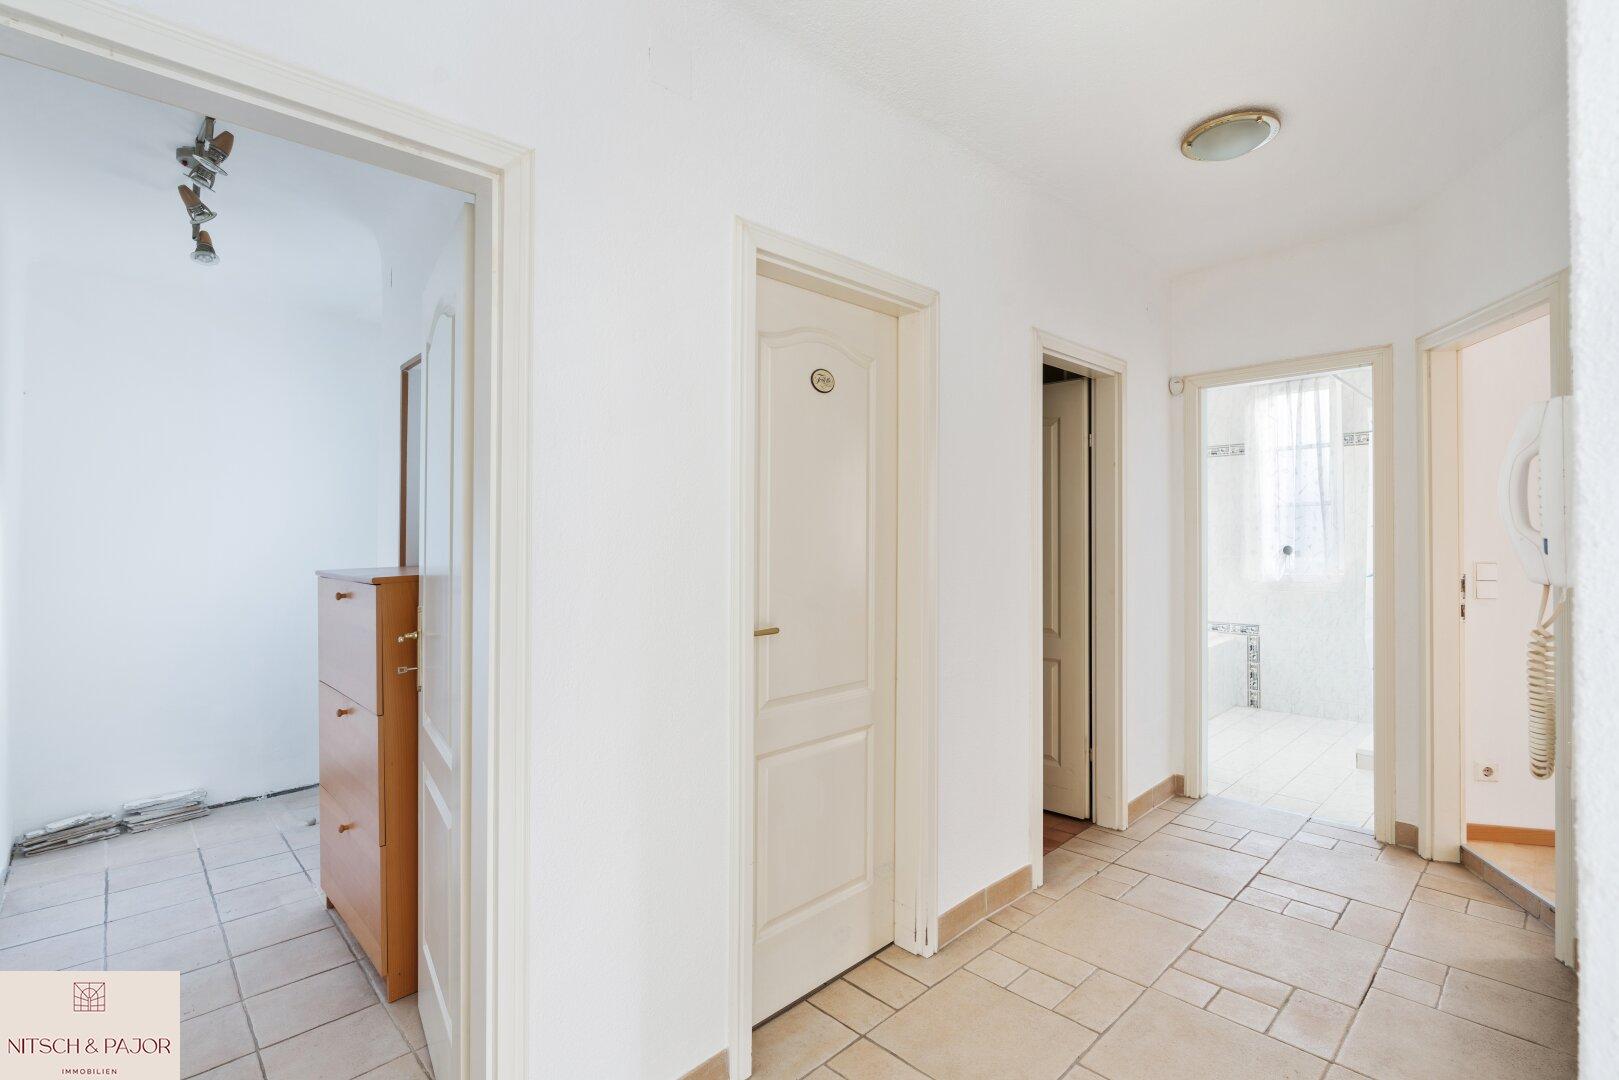 Vorraum zum Schlaf- und Badezimmer